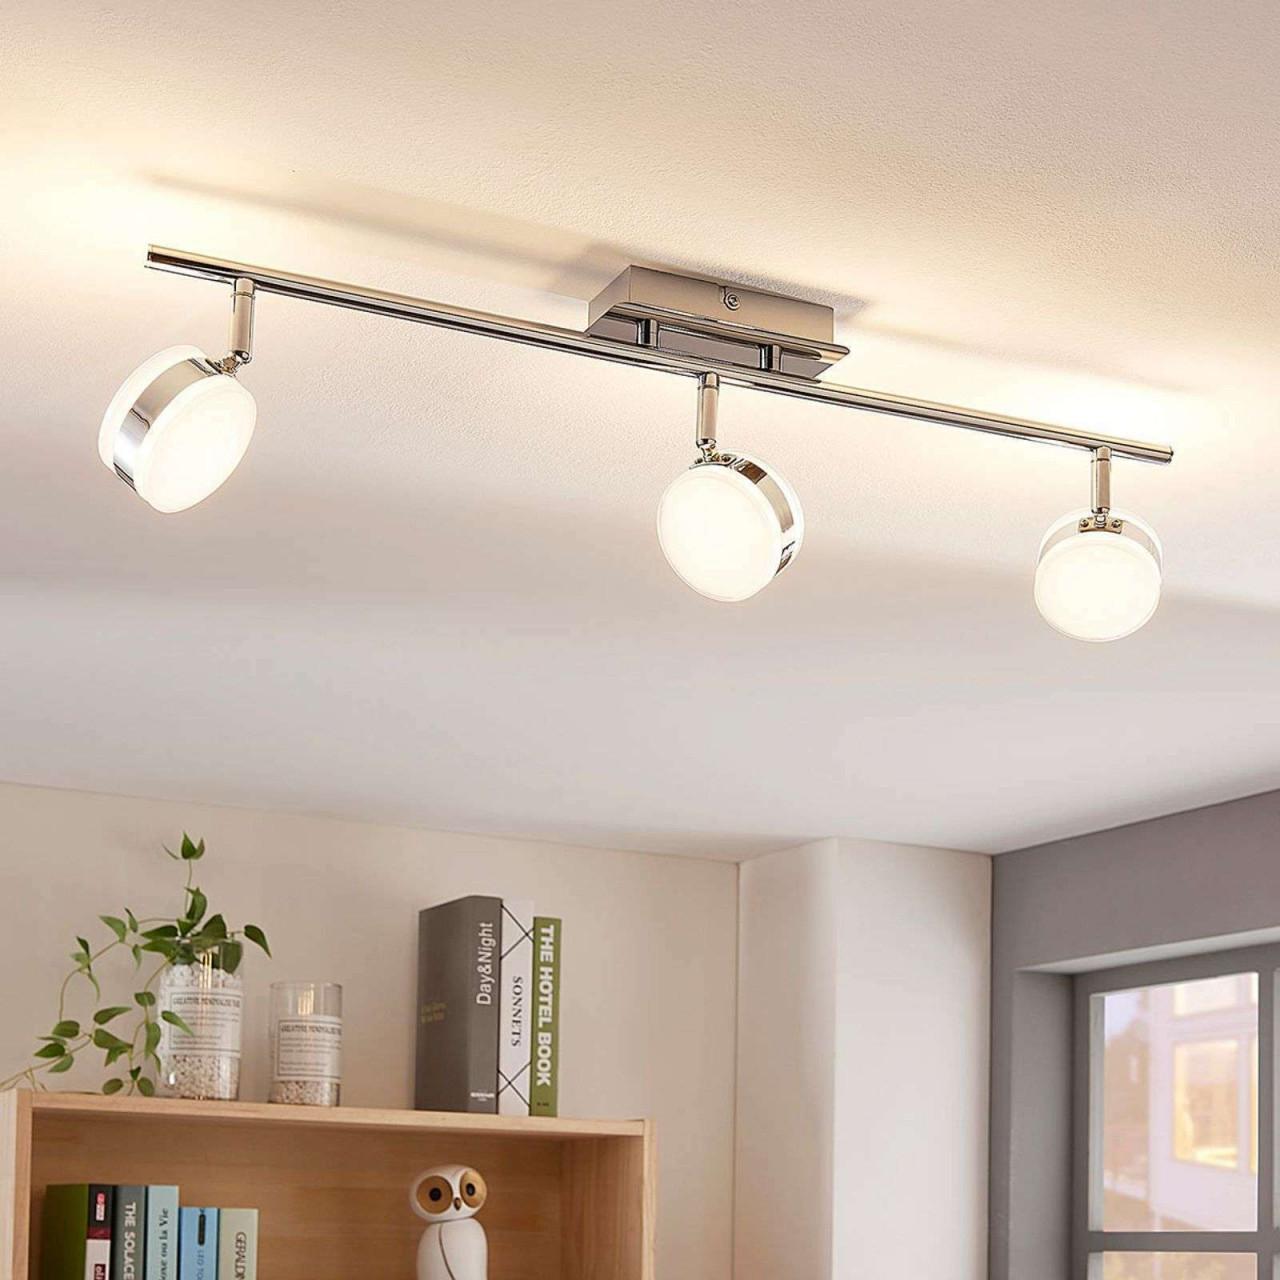 Innenbeleuchtung Küche Haushalt  Wohnen Strahler Modern von Wohnzimmer Led Deckenlampe Bild